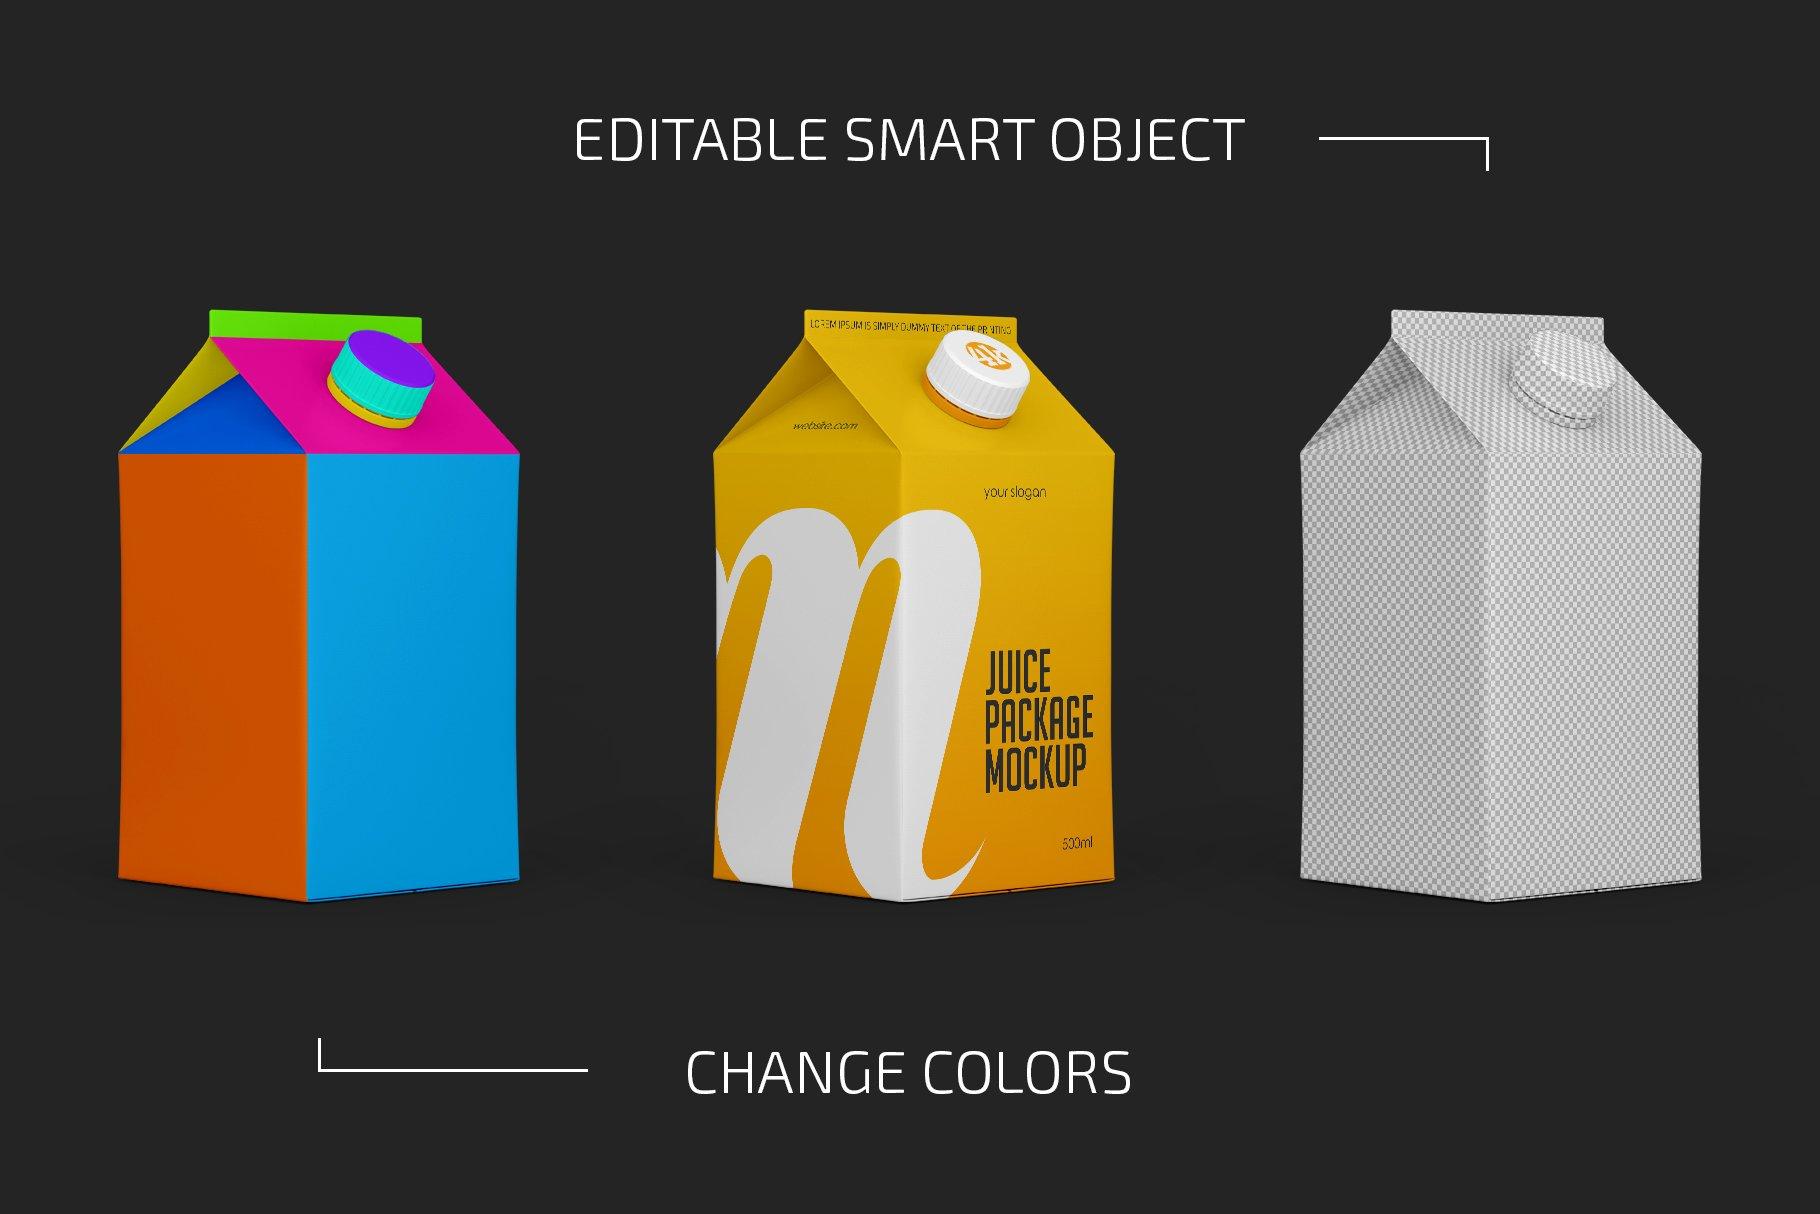 500毫升哑光果汁纸盒包装样机套装 500ml Juice Carton Package Mockup插图(1)